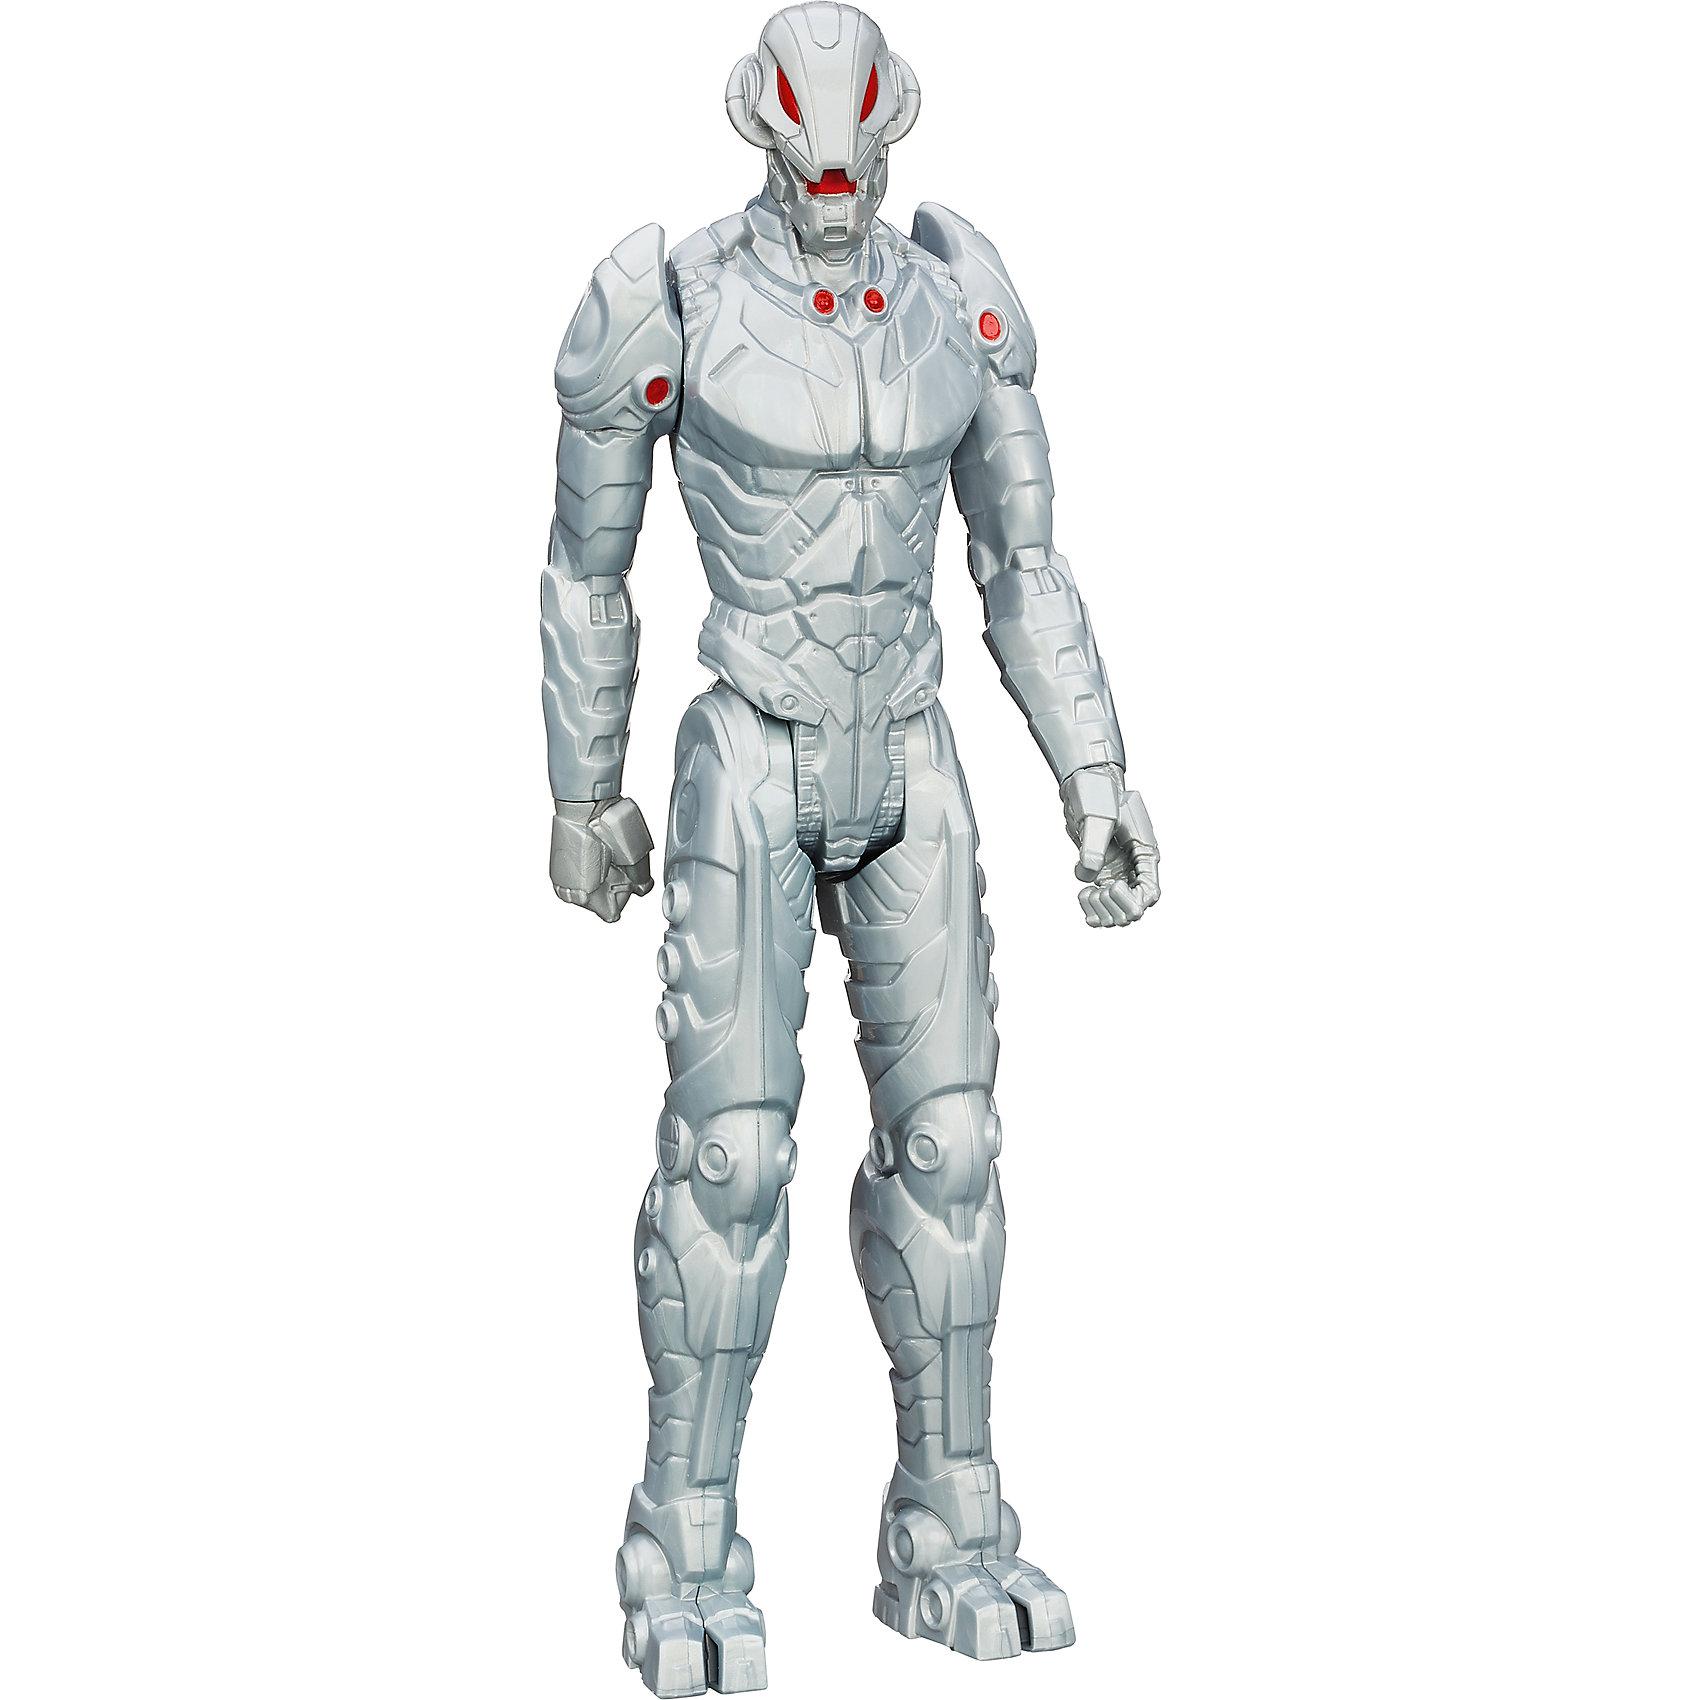 Титаны: фигурки Мстителей, B0434/B2389Фигурка, Титаны: Мстители (Avengers), B0434/B2389.<br><br>Характеристика:<br><br>• Материал: пластик.   <br>• Высота фигурки: 30 см. <br>• Голова, руки, ноги фигурки подвижные. <br>• Фигурка детально проработана и реалистично раскрашена. <br><br>Поклонники вселенной MARVEL обязательно оценят эту фигурку. Игрушка детально проработана и реалистично раскрашена, имеет подвижные конечности, может принимать разные позы. Фигурка титана изготовлена из экологичного нетоксичного пластика безопасного для детей. Собери всех титанов и устраивай грандиозные сражения!<br><br>Фигурку, Титаны: Мстители (Avengers), B0434/B2389, можно купить в нашем интернет-магазине.<br><br>Ширина мм: 311<br>Глубина мм: 106<br>Высота мм: 58<br>Вес г: 260<br>Возраст от месяцев: 48<br>Возраст до месяцев: 96<br>Пол: Мужской<br>Возраст: Детский<br>SKU: 5352852